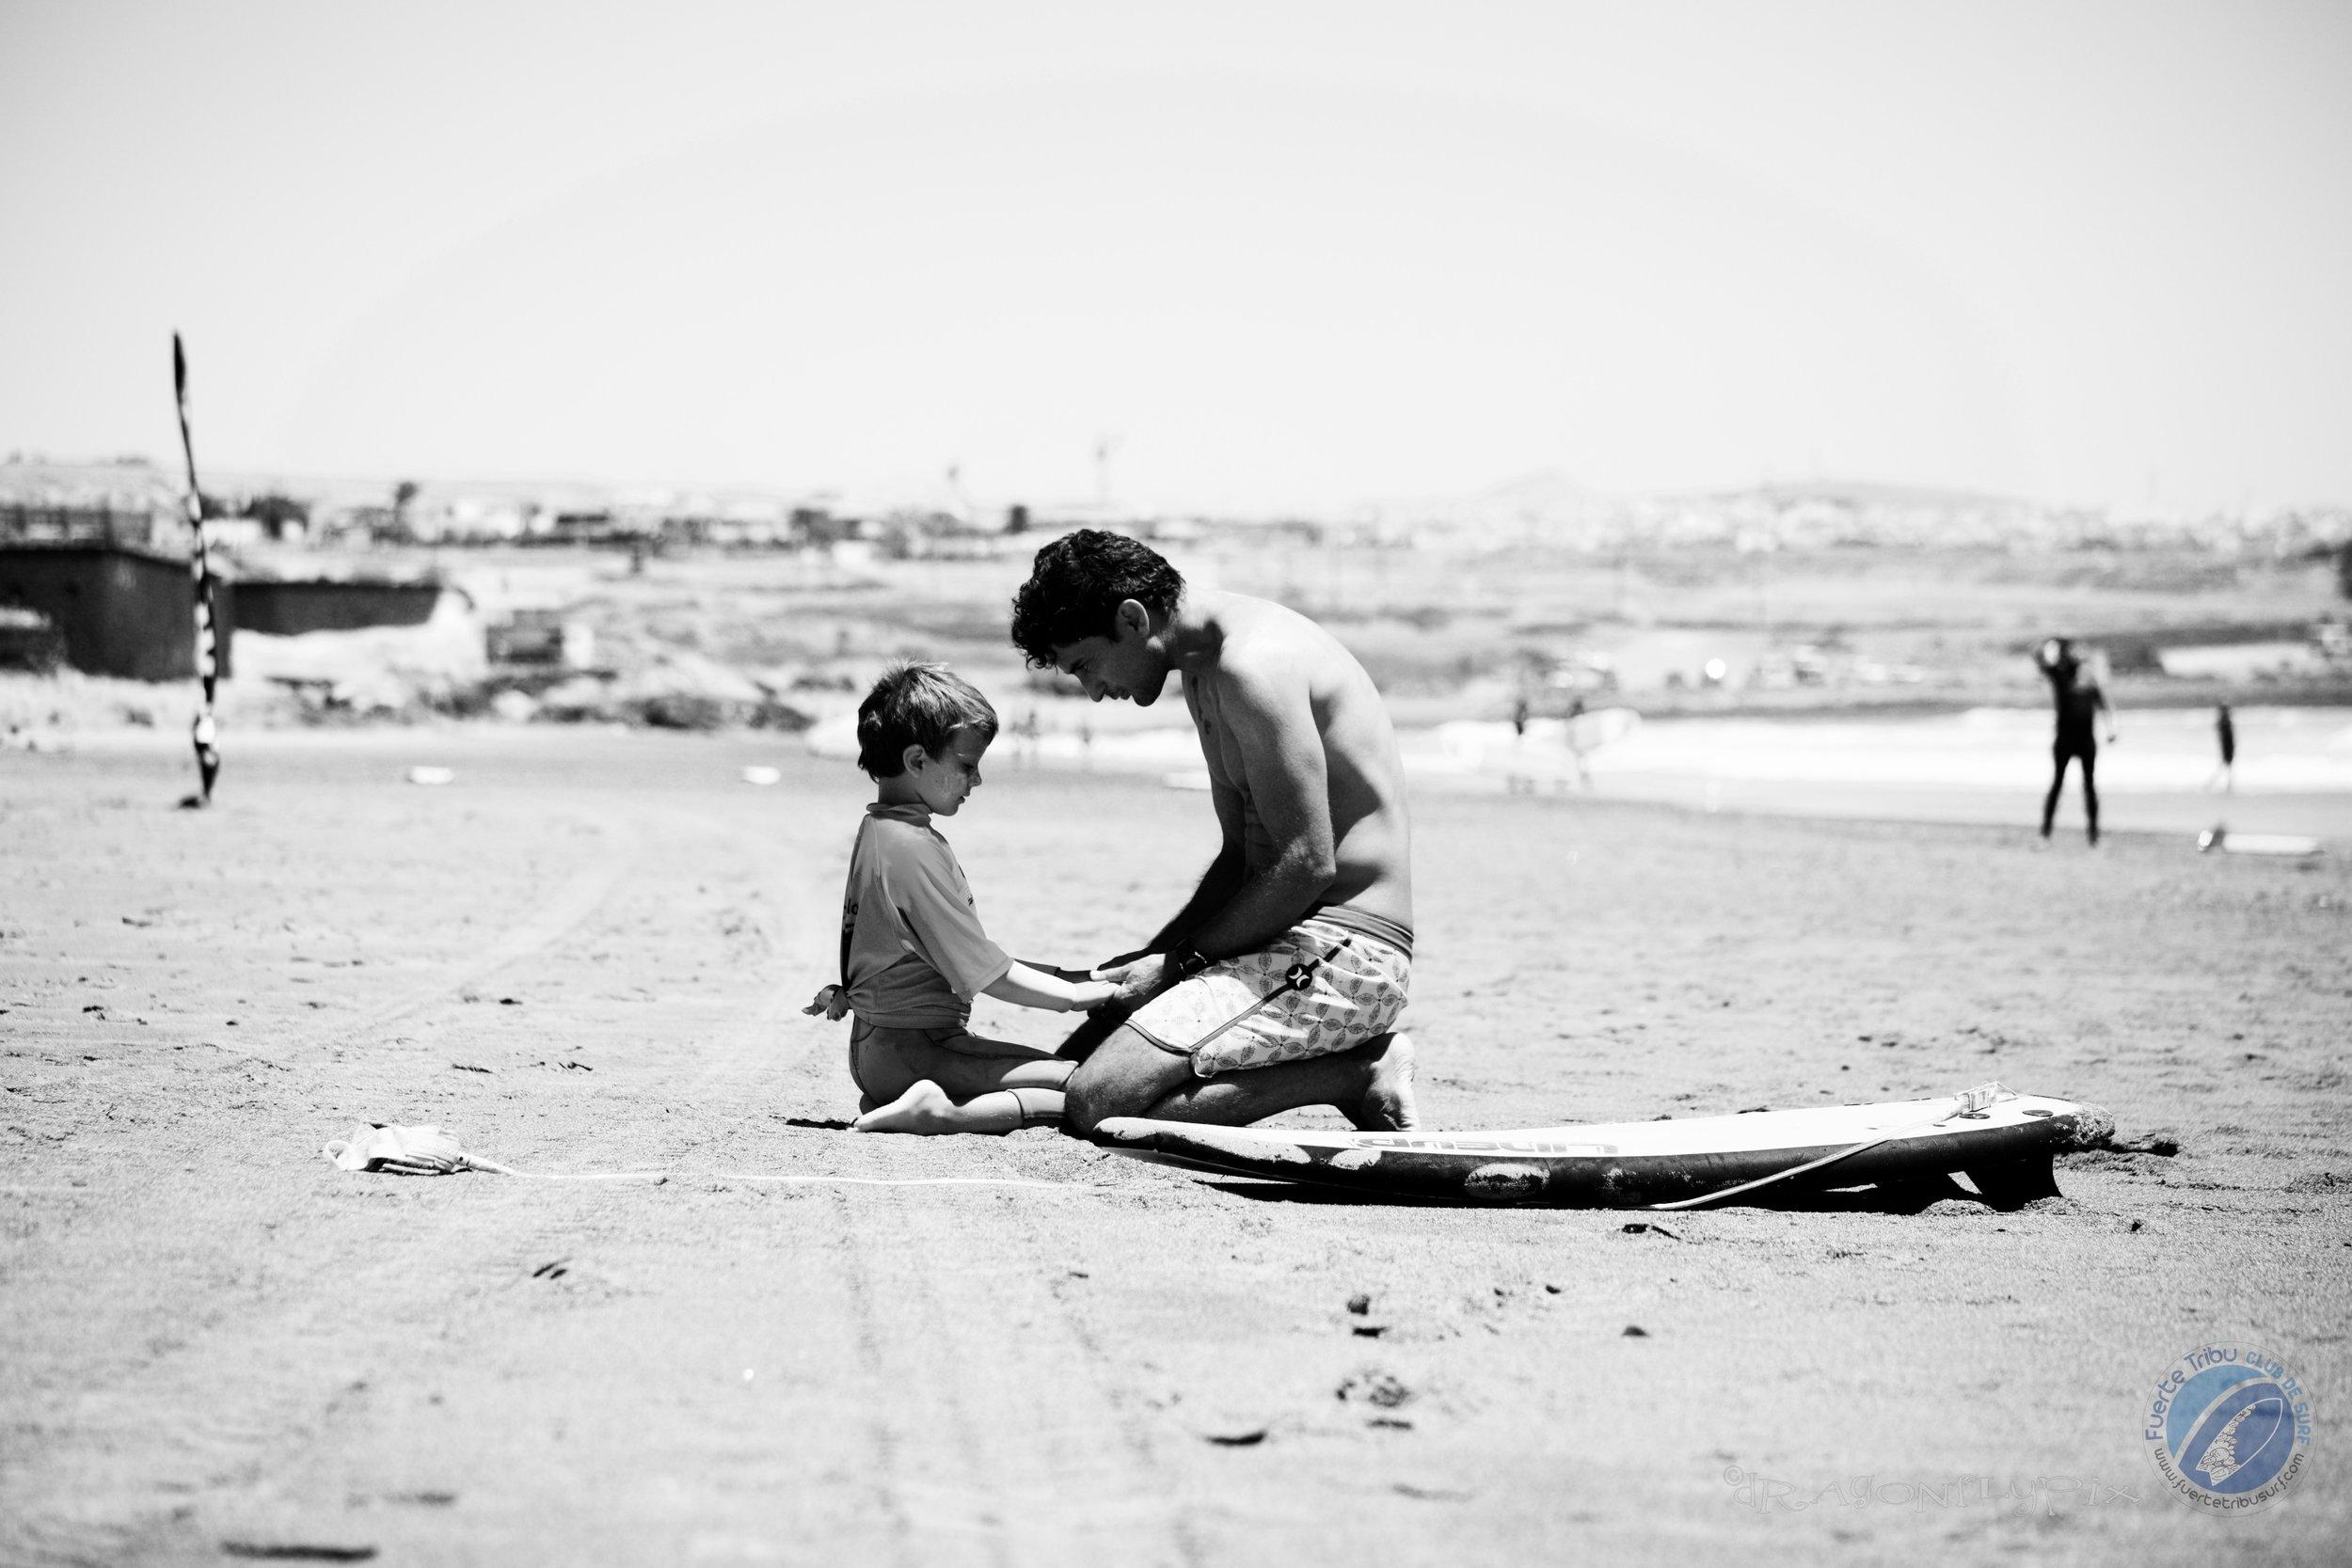 FUERTETRIBU_INTRACLUB_SURF_CAMPEONATO_KIDSIMG_0641.jpg